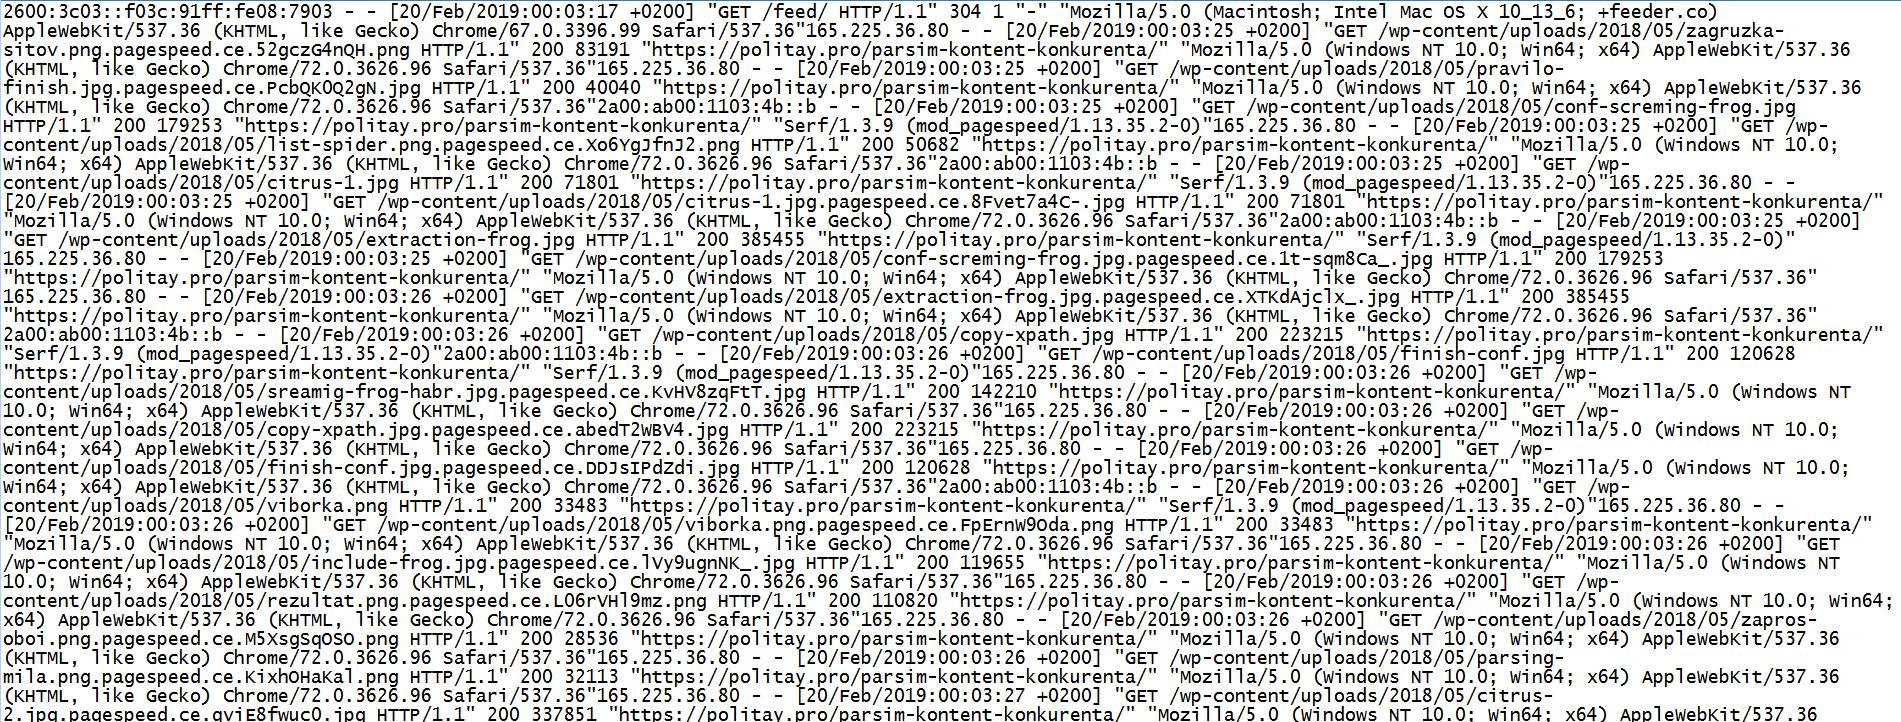 пример log файла